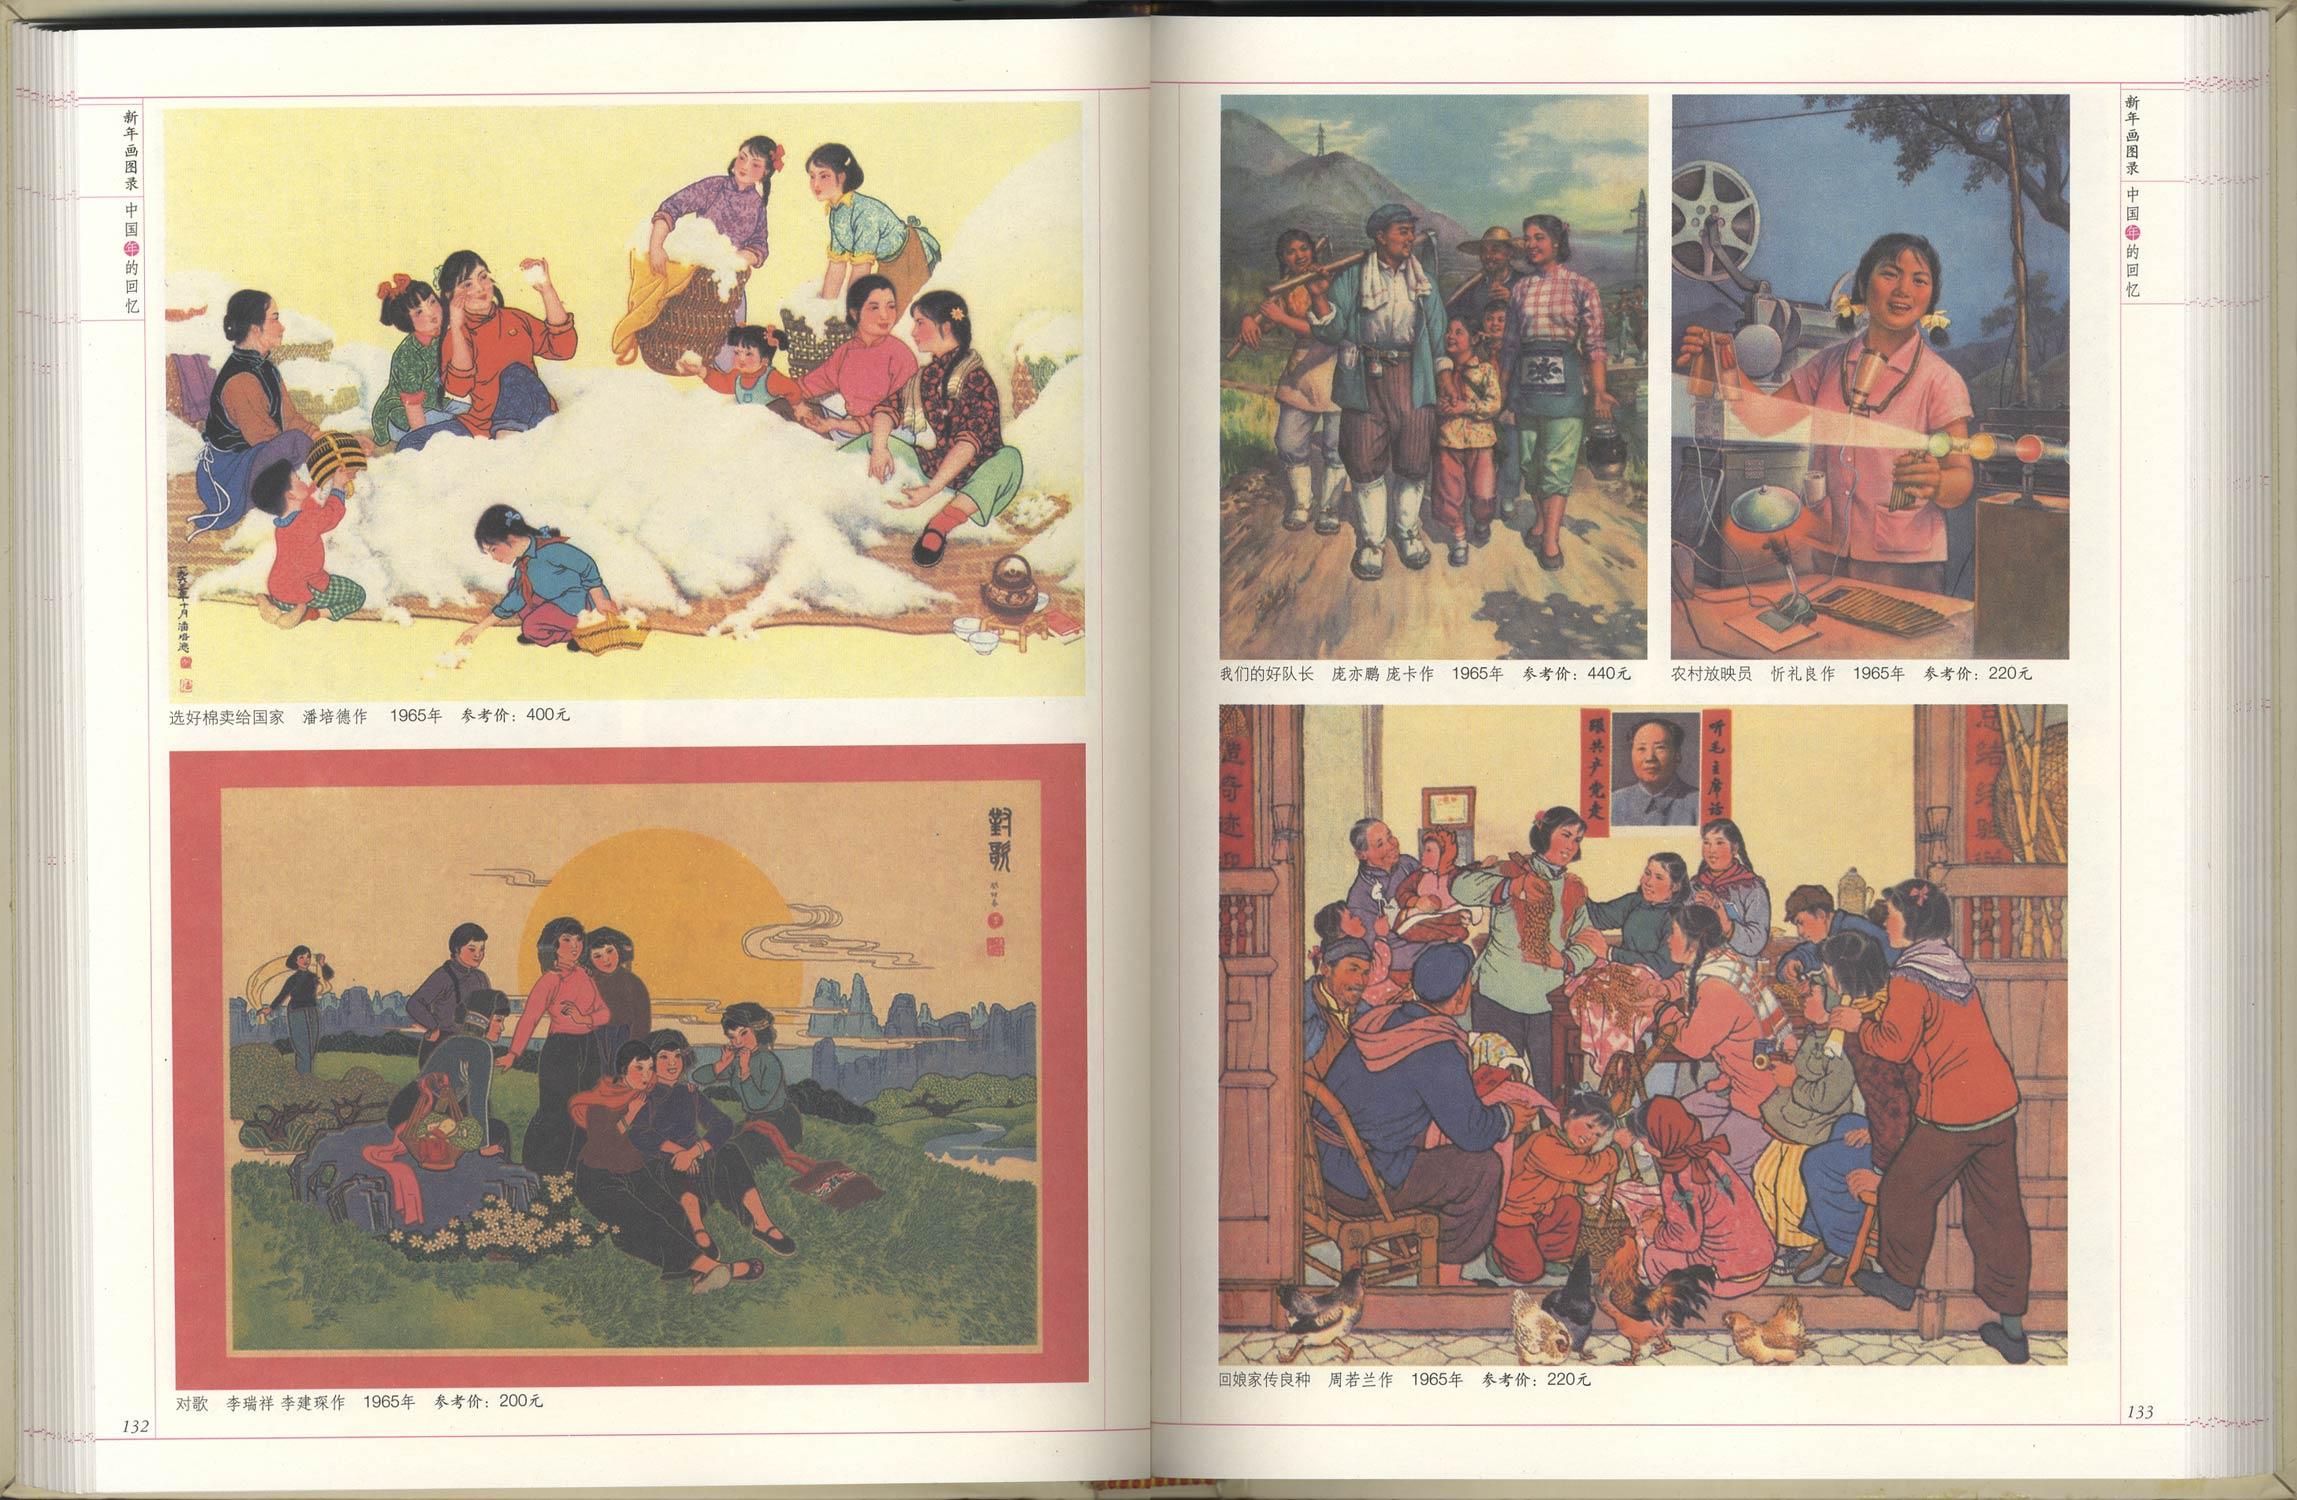 新年画图录 中国年的回忆[image4]